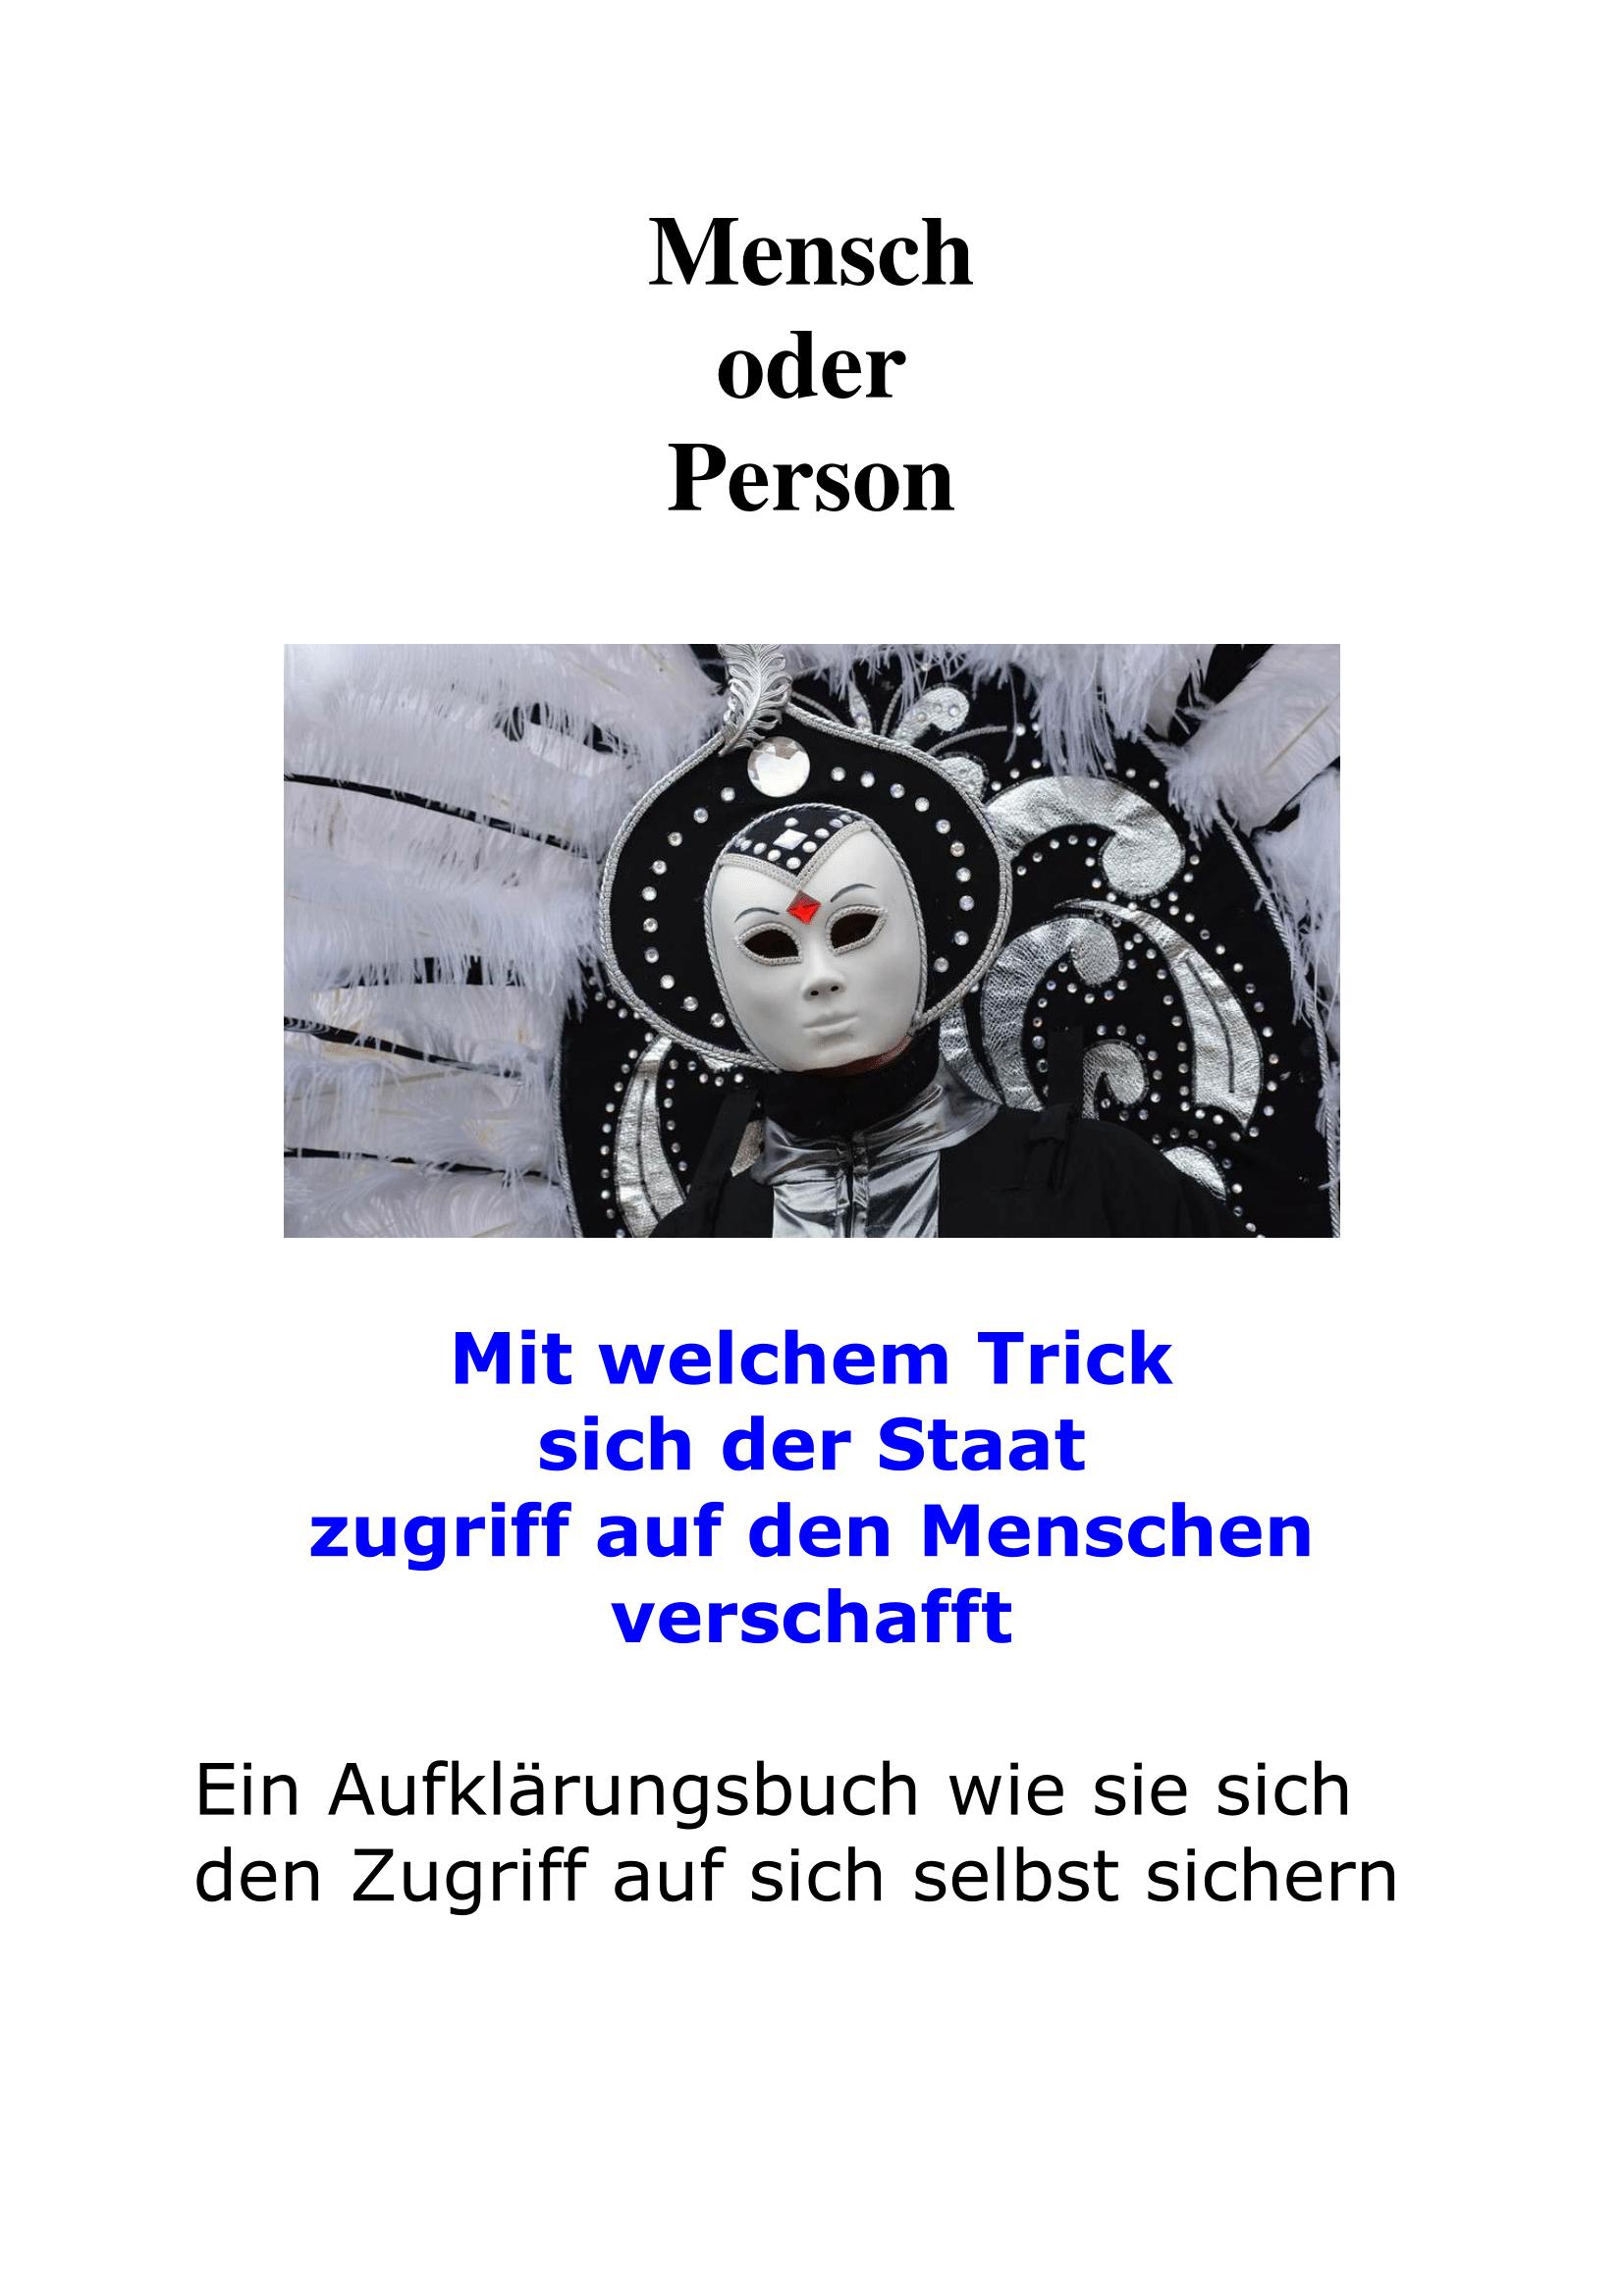 mensch-person-vorderseite-1